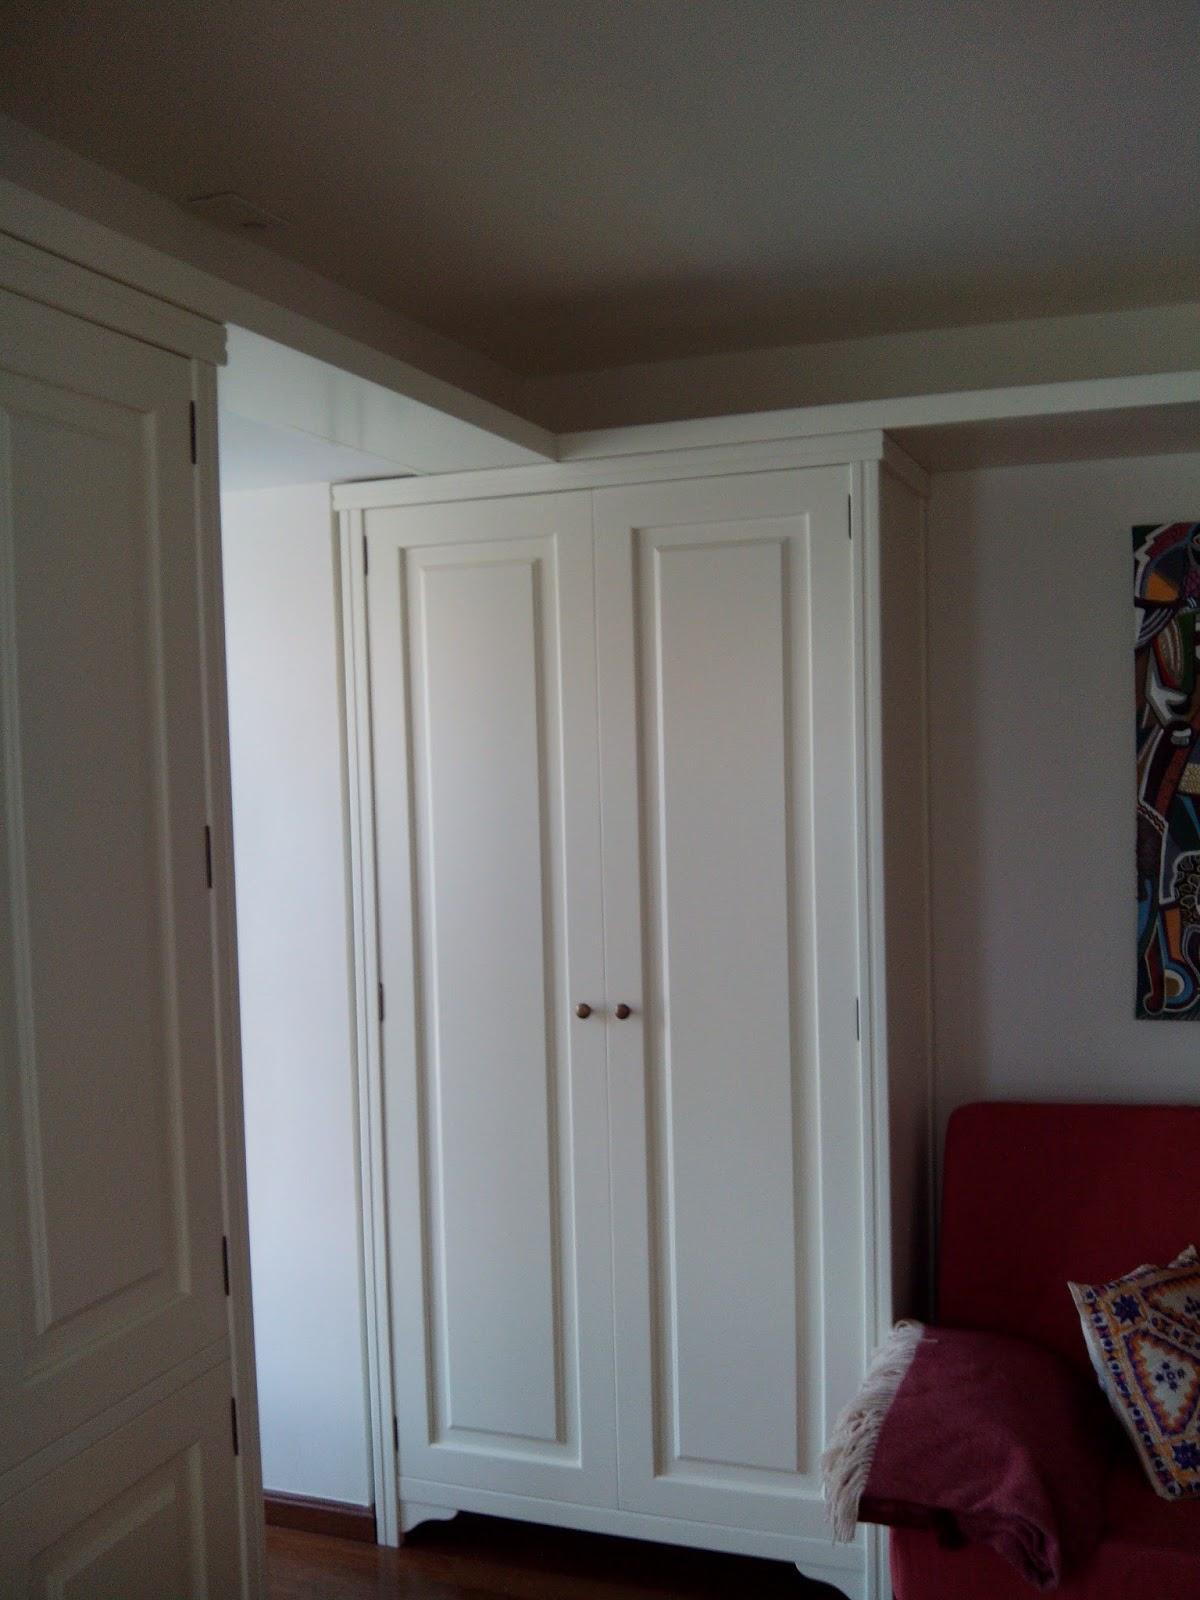 Muebles lacados en blanco - Muebles Cansado (Zaragoza) - Carpintero ...